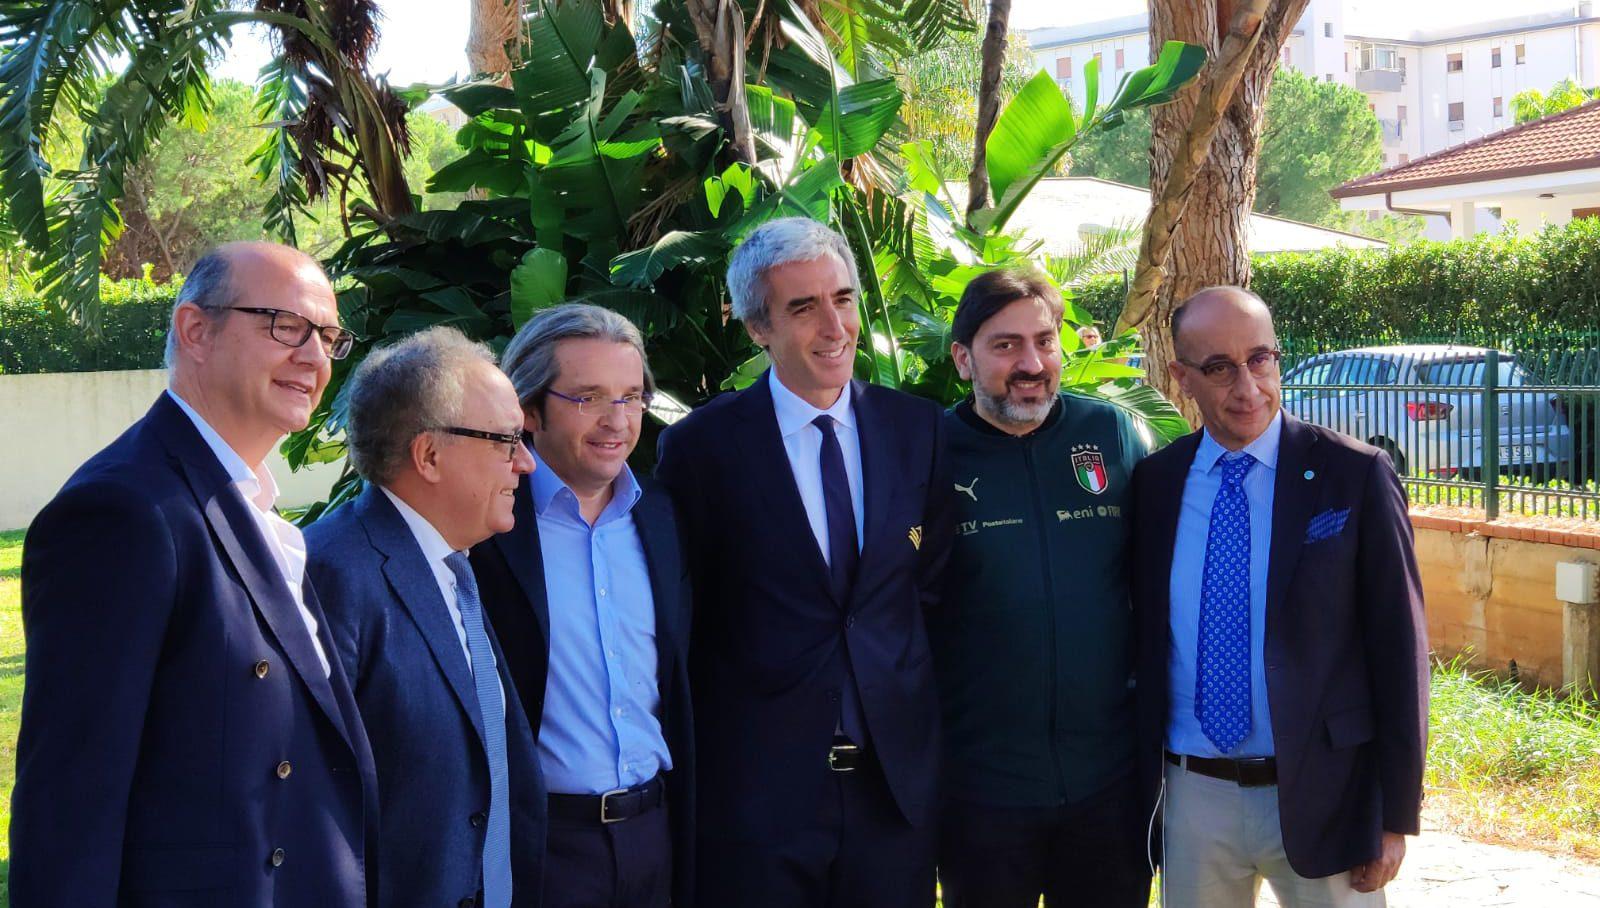 """L'accoglienza di Dario Mirri alla Nazionale. Il presidente del Palermo è intervenuto al convegno sulla comunicazione organizzato da Odg Sicilia e (oltre a stigmatizzare la rissa di Palmi) ha dato il proprio benvenuto agli azzurri: """"Spero di vederli spesso al Barbera, avervi qui per noiè motivo di orgoglio e felicitàperché la Nazionale è gioia"""". RISSA A PALMI, MIRRI: """"MI SONO VERGOGNATO"""" E aggiunge: """"Palermo sarà sempre accogliente, lo è sempre stata. Dobbiamo accogliere tutti i calciatori sia italiani che non, non capisco la differenza.La federazione ha dato possibilità di vedere la Nazionale a Palermo nonostante non abbia calciatori rosanero.Questa città"""